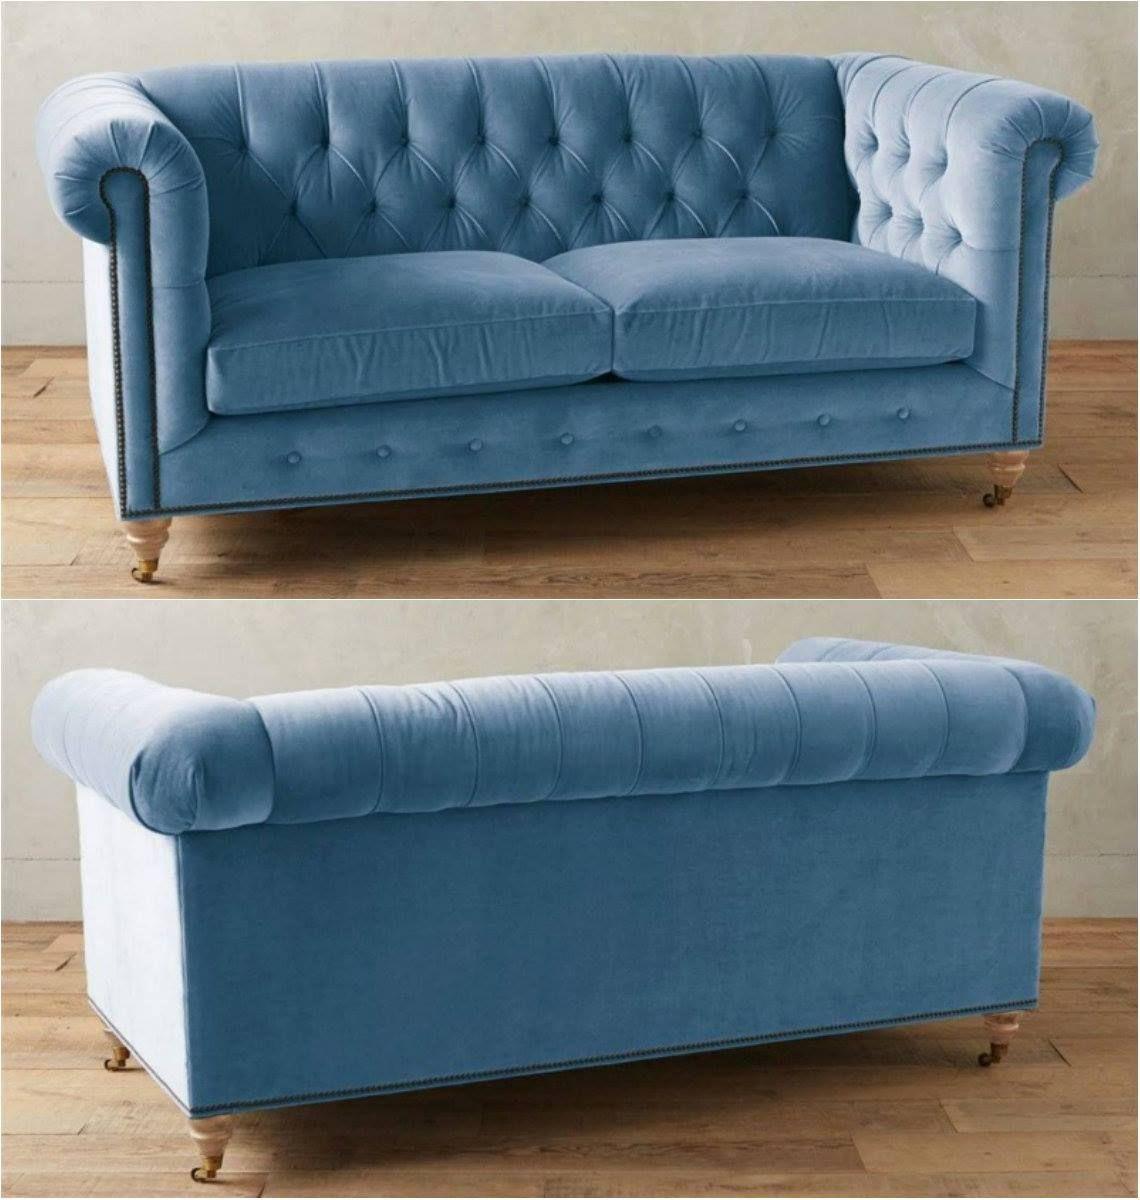 Sky Blue Tufted Velvet Chesterfield Sofa!